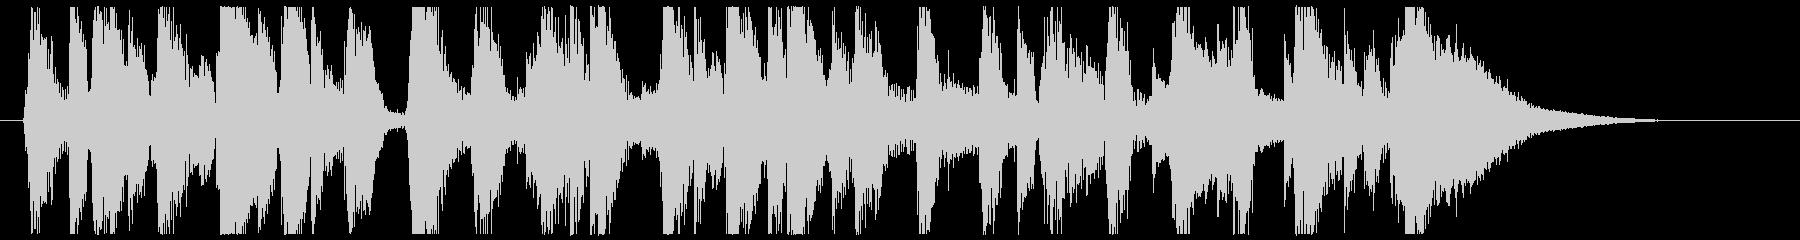 カントリージャズ 15秒サイズの未再生の波形